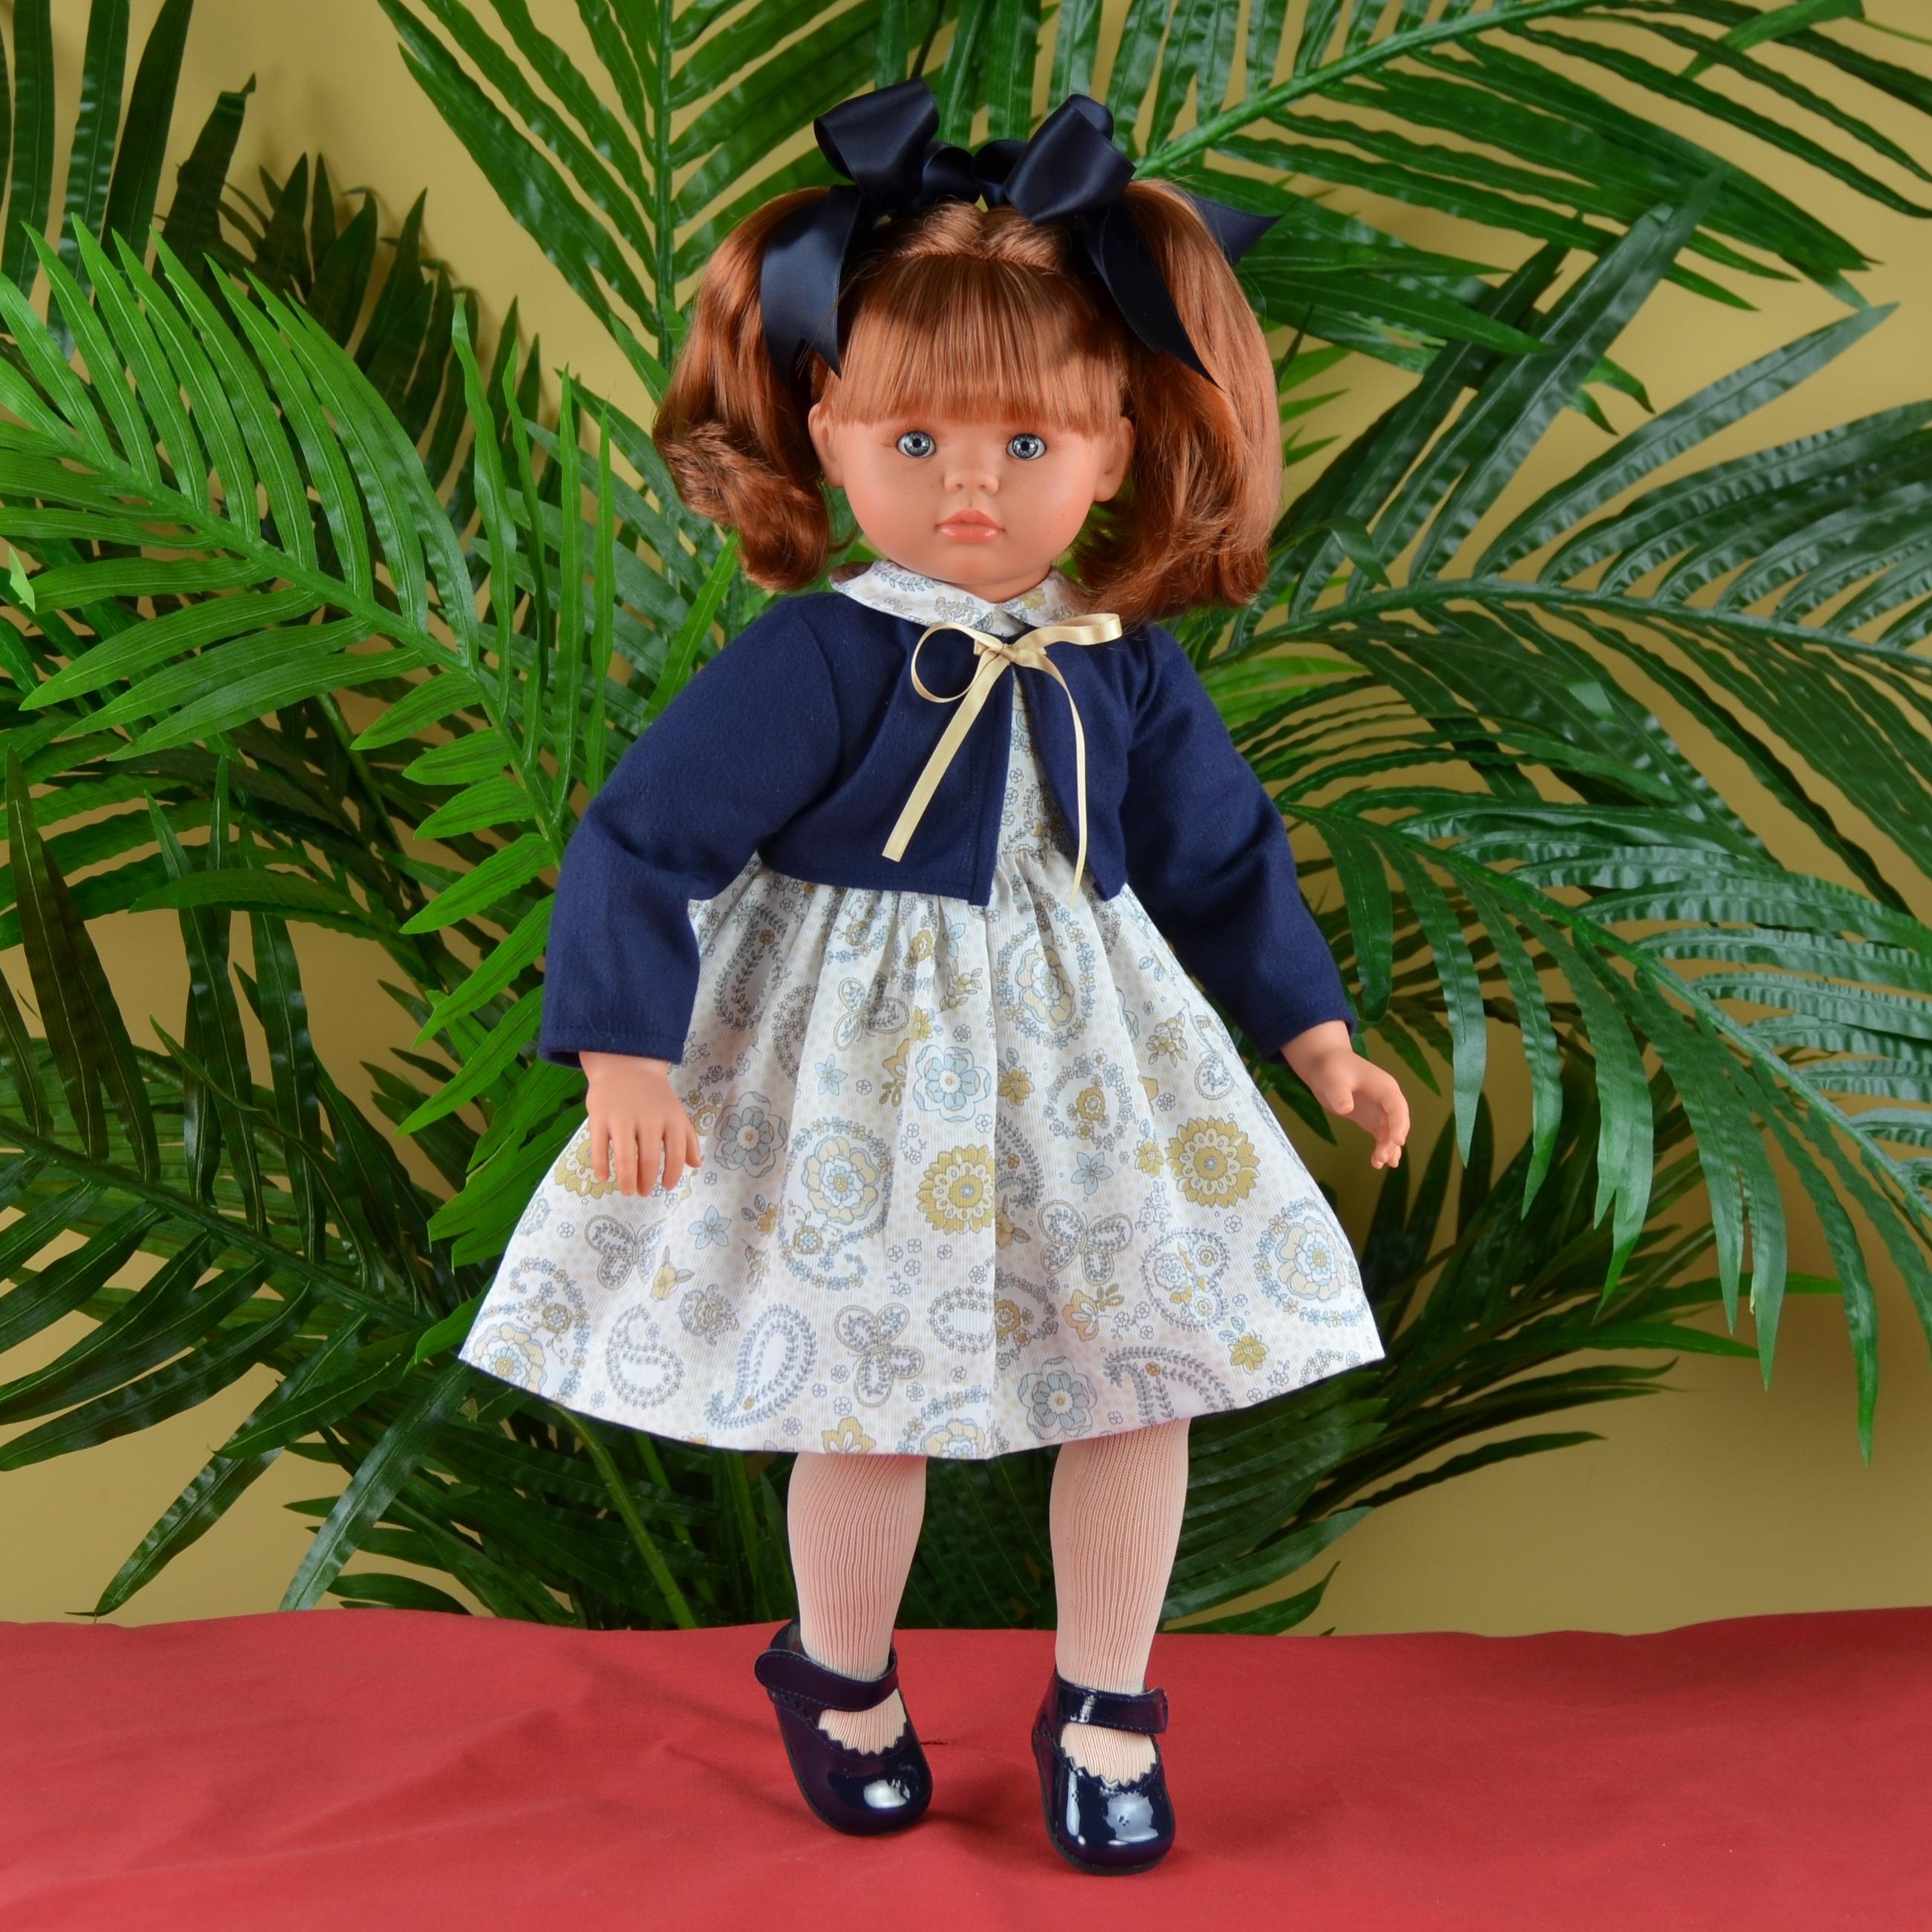 Кукла Пепа в синем болеро, 60 см. - Скидки до 70%, артикул: 143018